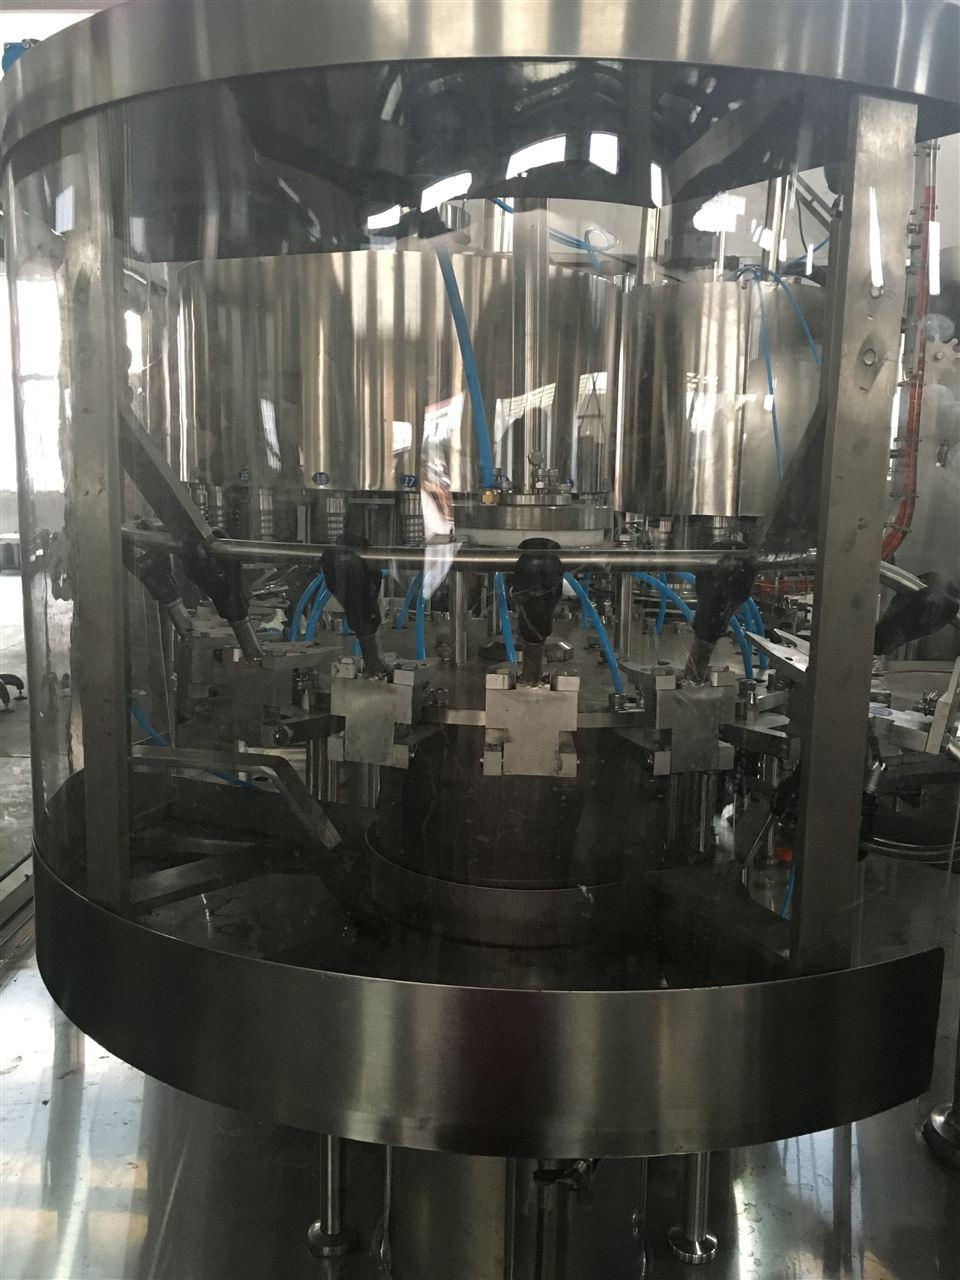 用于聚酯瓶装各种饮料的生产,在一机上实现冲瓶、灌装、封盖。整机设计科学合理,外形美观,功能齐全,操作维修方便,自动化程度高。综合采用意大利、德国先进技术。灌装速度快、液面控制稳。如:无瓶时不灌装,冲气或灌装时爆瓶则灌装阀将自动关闭,并有自动冲洗等先进自控技术。采用托瓶提升气缸,油尼龙齿轮传动,噪声小,整机运转平稳。采用磁力扭矩式拧盖头,实现抓盖、拧盖功能。拧盖力矩无极可调,具有恒力矩旋盖塑盖功能,且不伤盖,封口严密可靠。水平回转式气力理盖器,具有不损坏瓶盖表面,料斗内缺盖发信号自动补充盖等功能。整机产用PLC电脑程序控制及人机界面触摸屏按钮,具有料缸内液面自动控制,无瓶不加盖等功能,采用变频器无级调速,生产能力数字显示,调整及其方便。